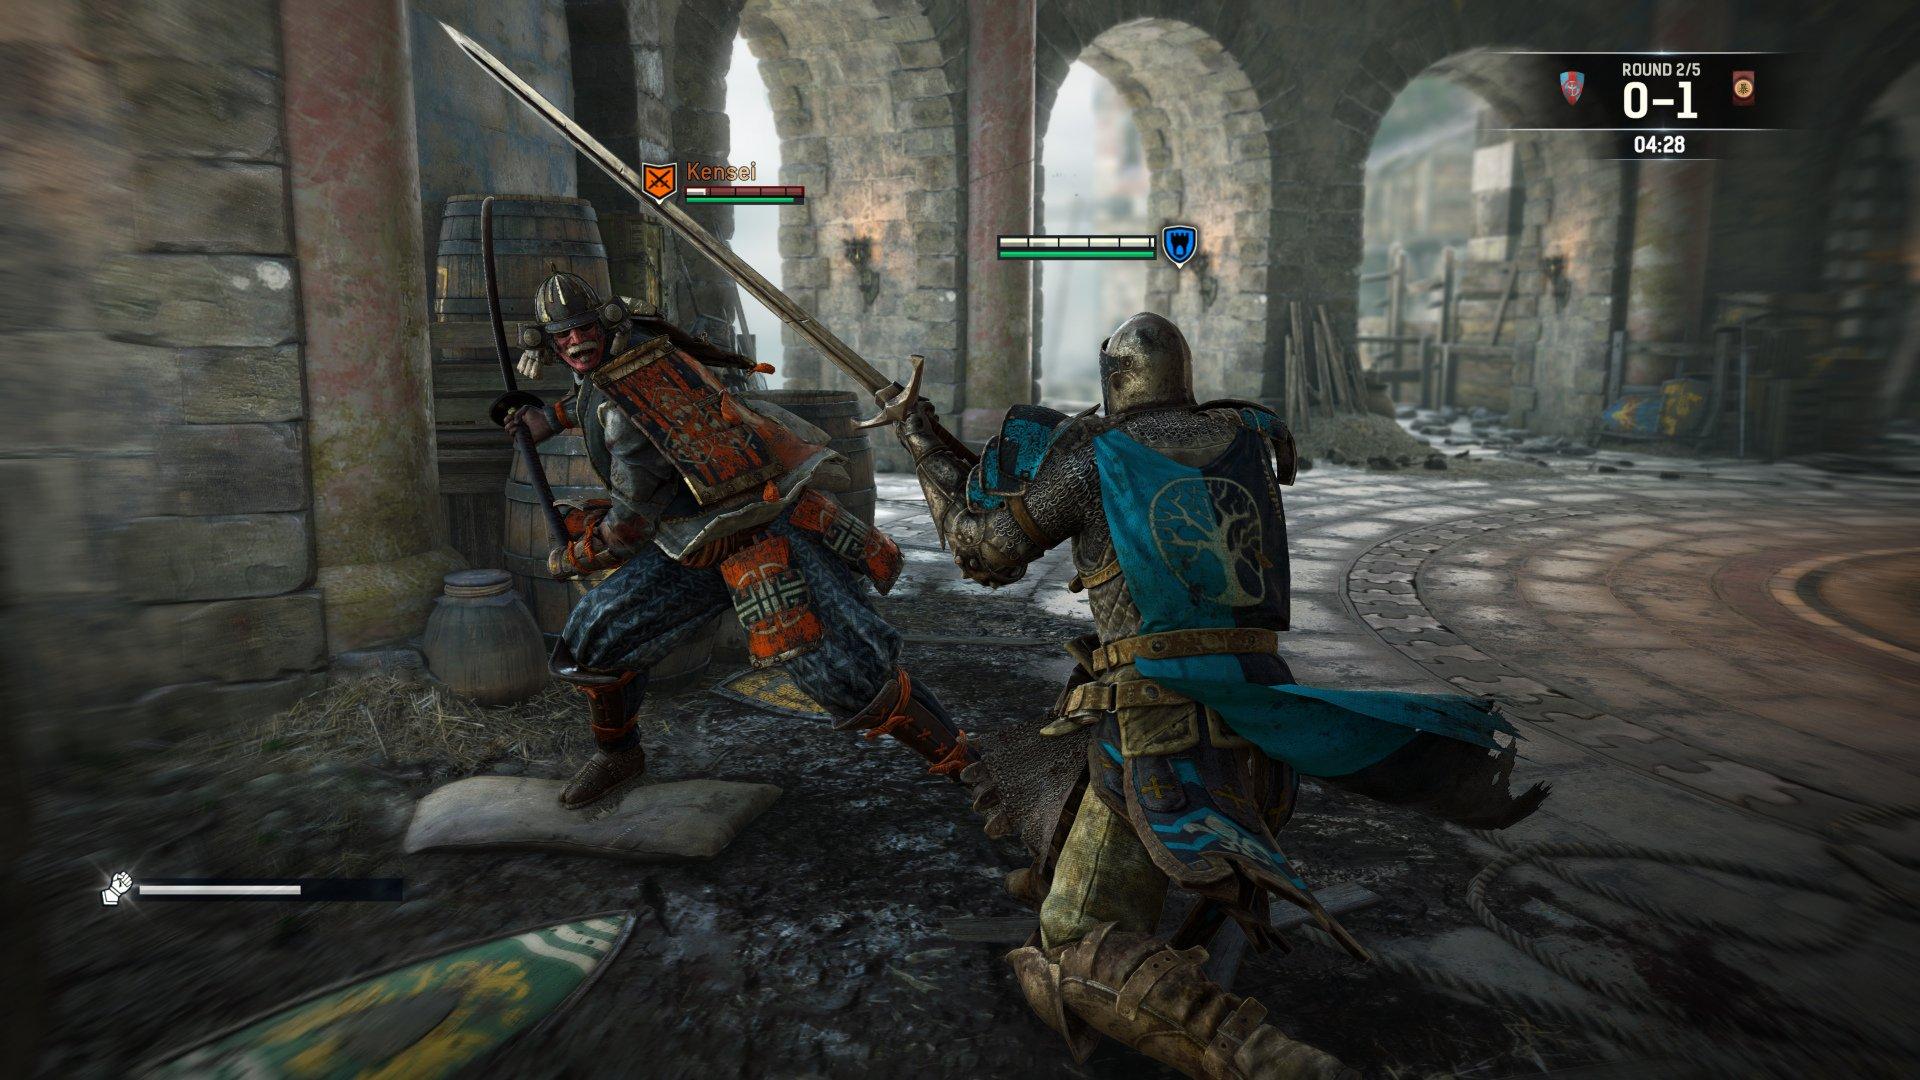 For Honor Modo Duelo Combates Violentos Ps4 Pc Xone